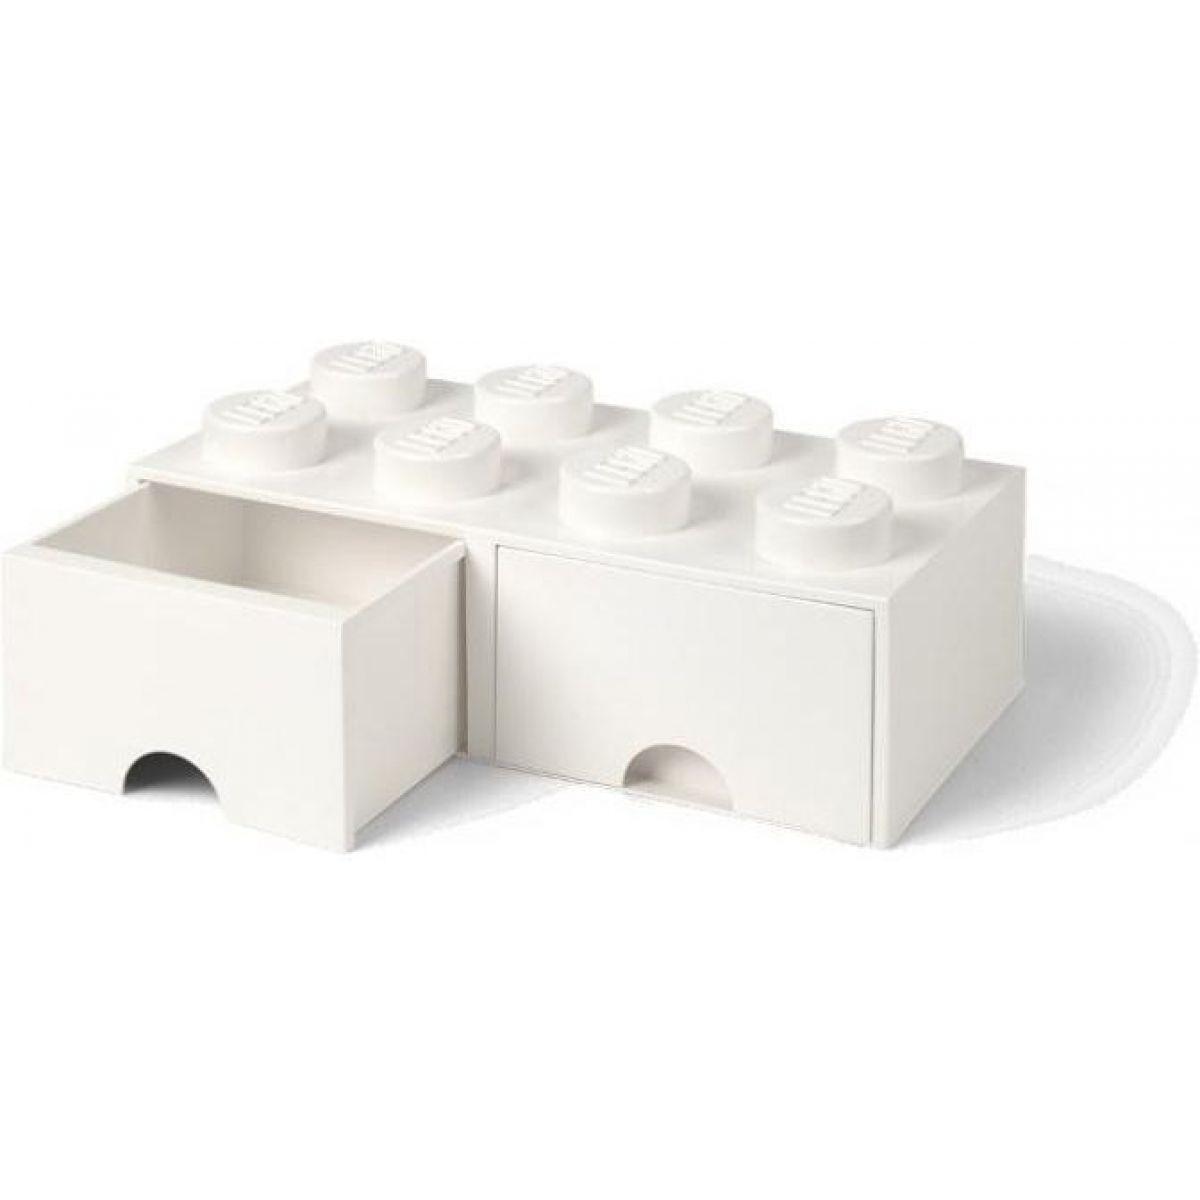 LEGO úložný box 8 se šuplíky bílá